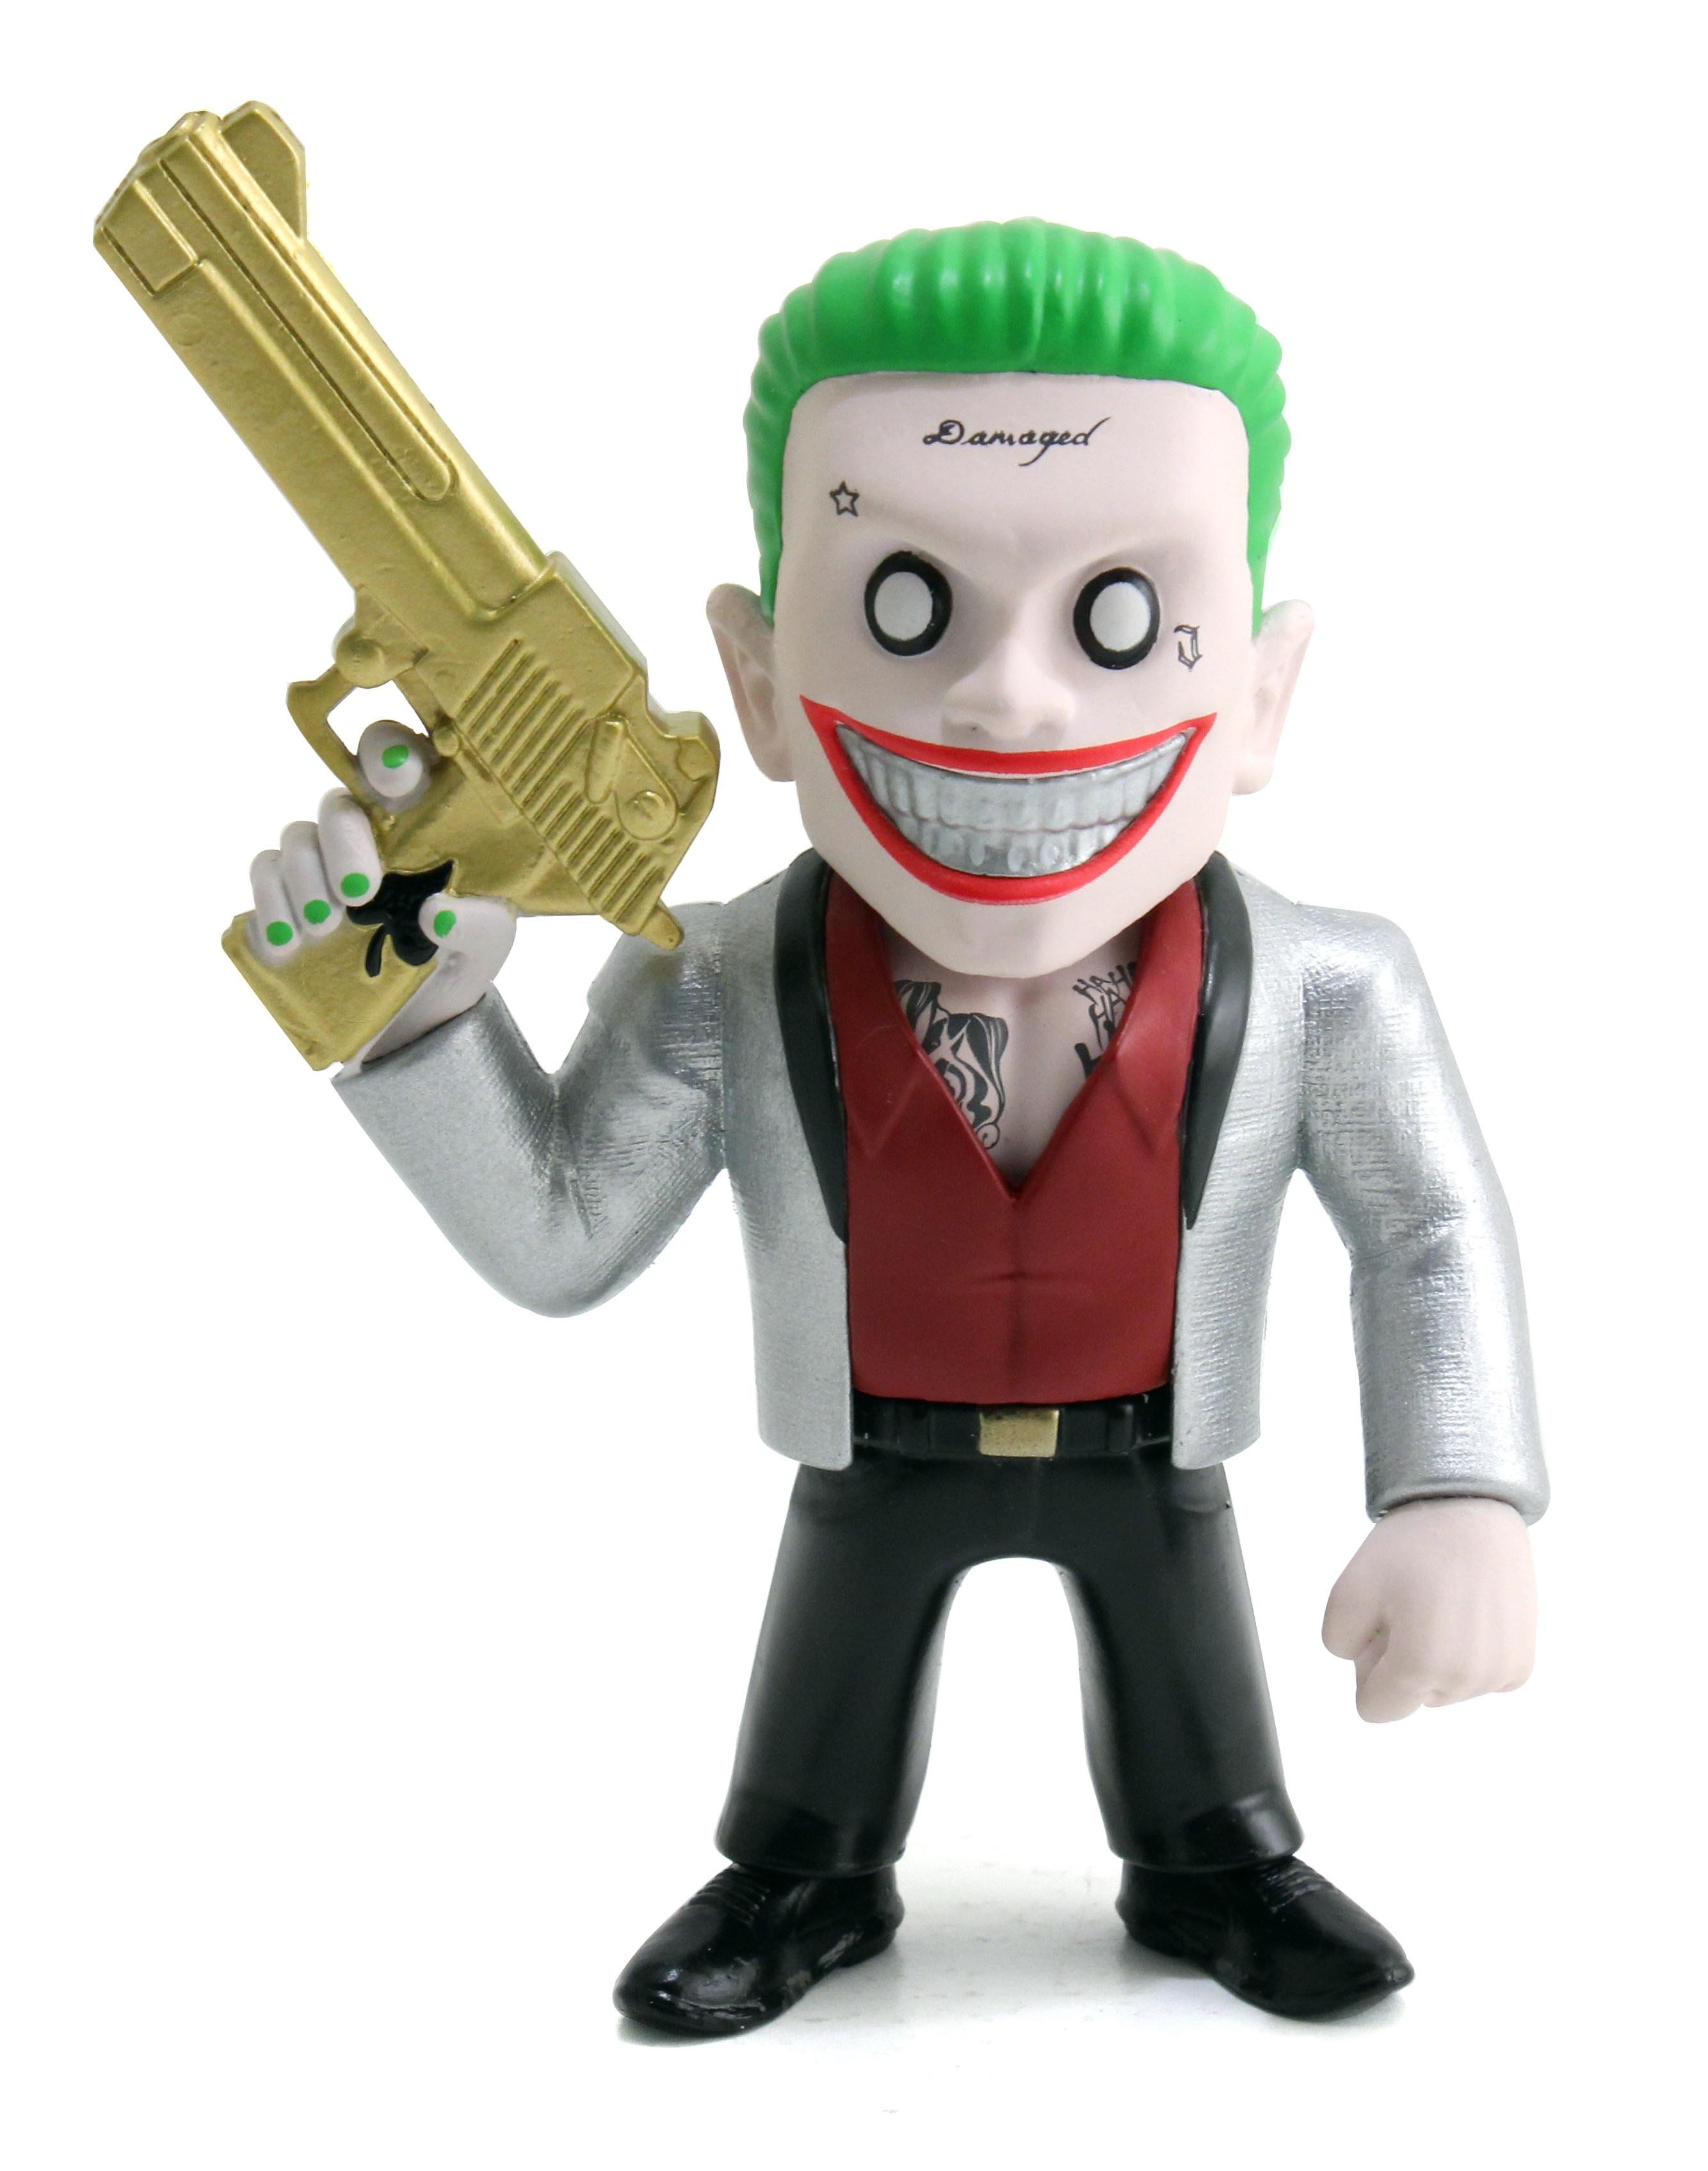 Коллекционная металлическая фигурка DC Comics: Джокер – Отряд Самоубийц – Suicide Squad Joker Boss (10 см)Представляем вашему вниманию коллекционную металлическую фигурку Джокер: Отряд Самоубийц – Suicide Squad Joker Boss, созданную по мотивам супергеройского боевика режиссёра Дэвида Эйера, который является экранизацией одноимённых комиксов издательства DC Comics.<br>